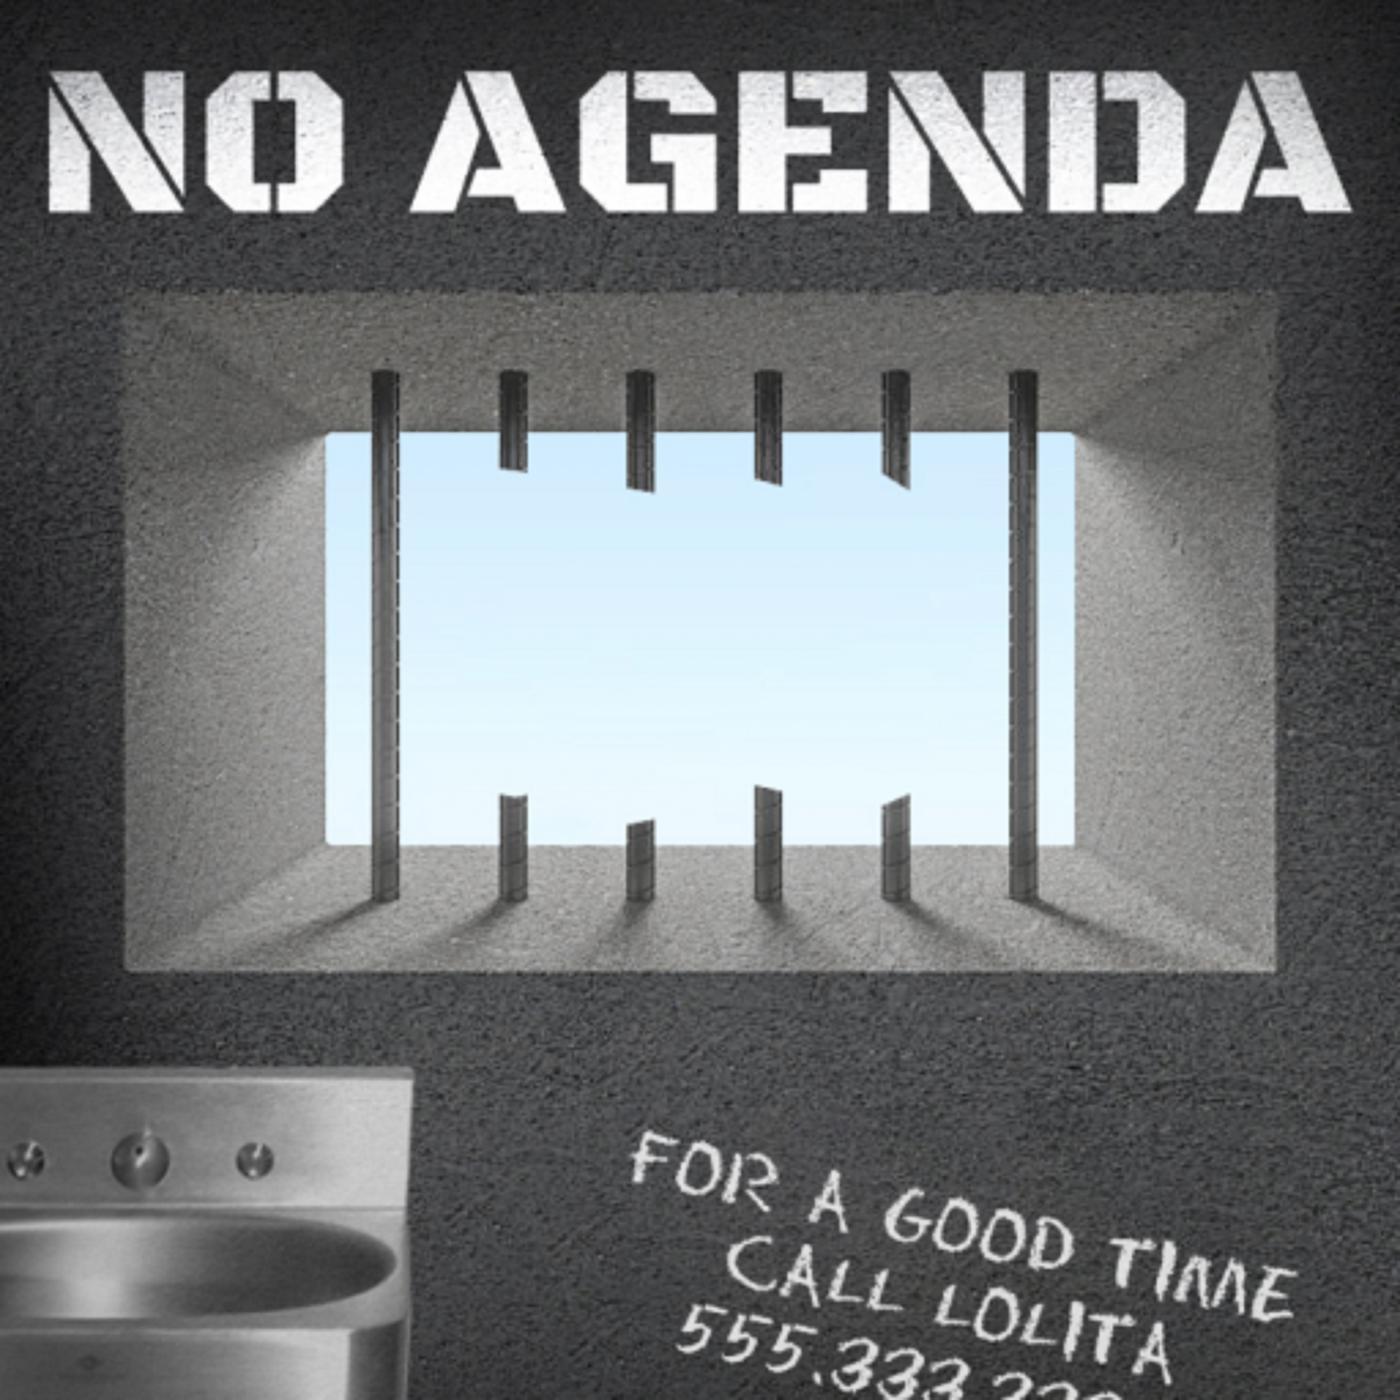 d2cdcaf4f12 No Agenda (podcast) - Adam Curry & John C. Dvorak | Listen Notes